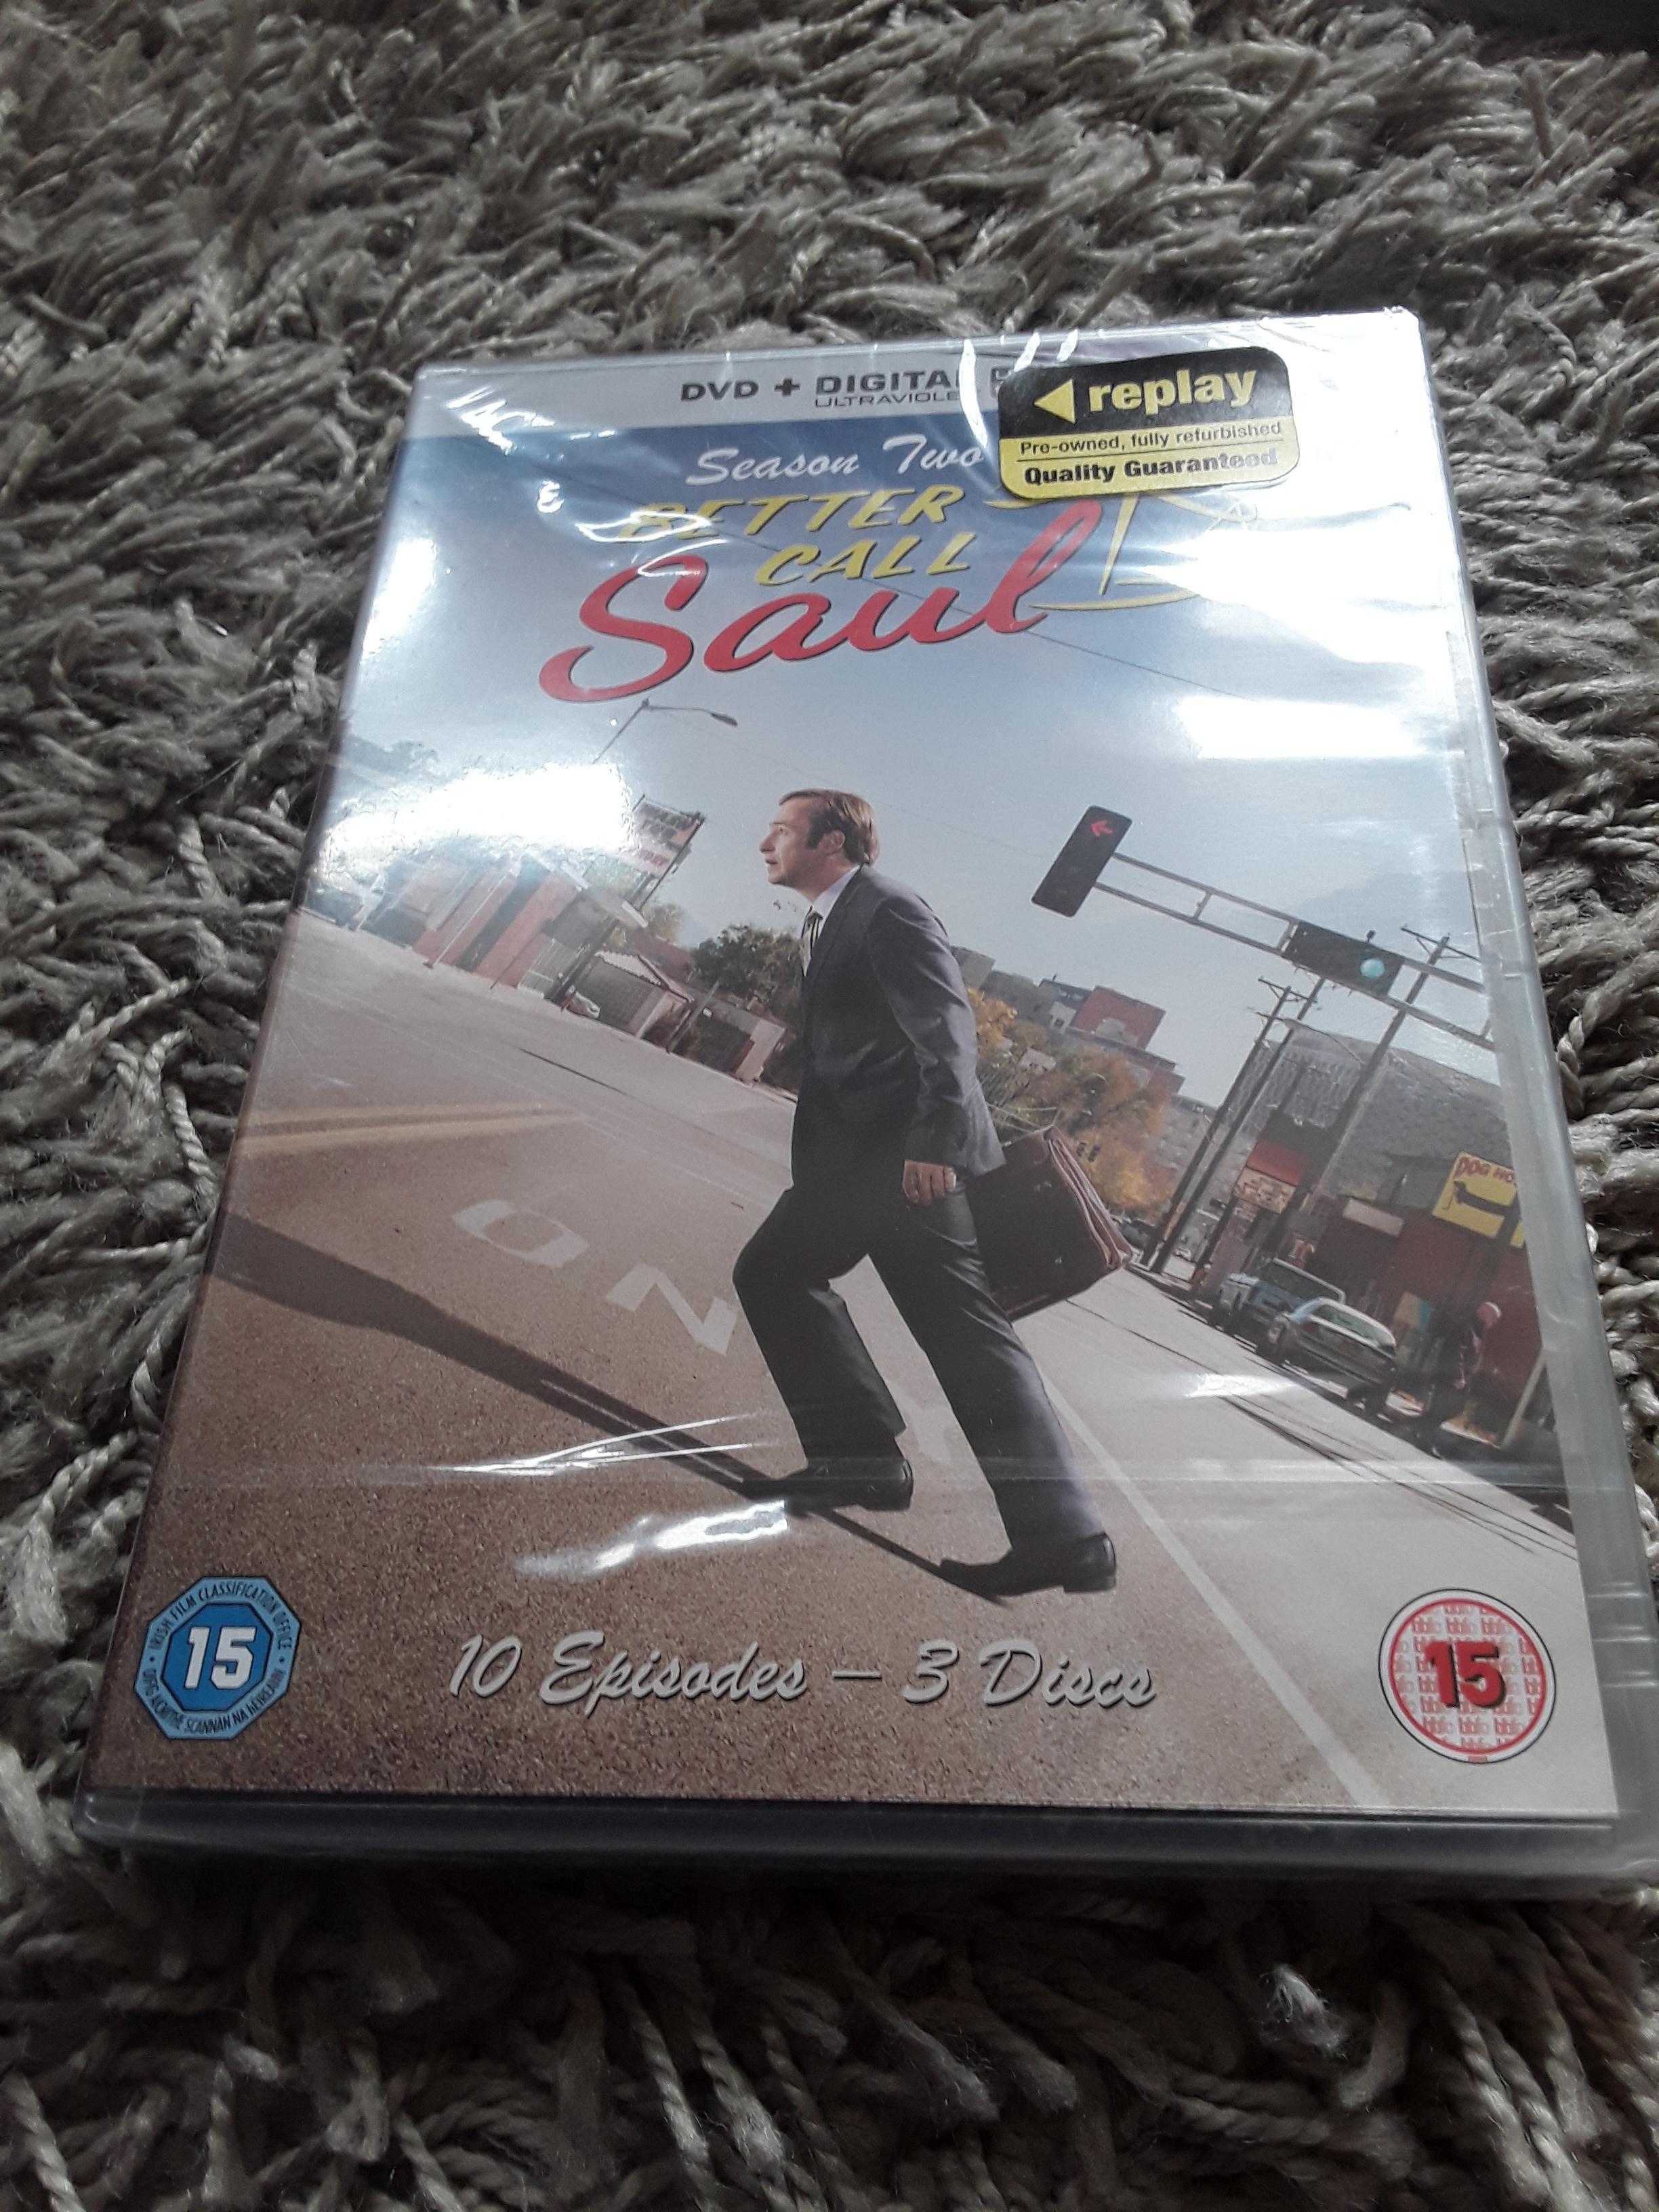 Better call Saul Season 2 - £1 @ Poundland Meadowhall & Barnsley